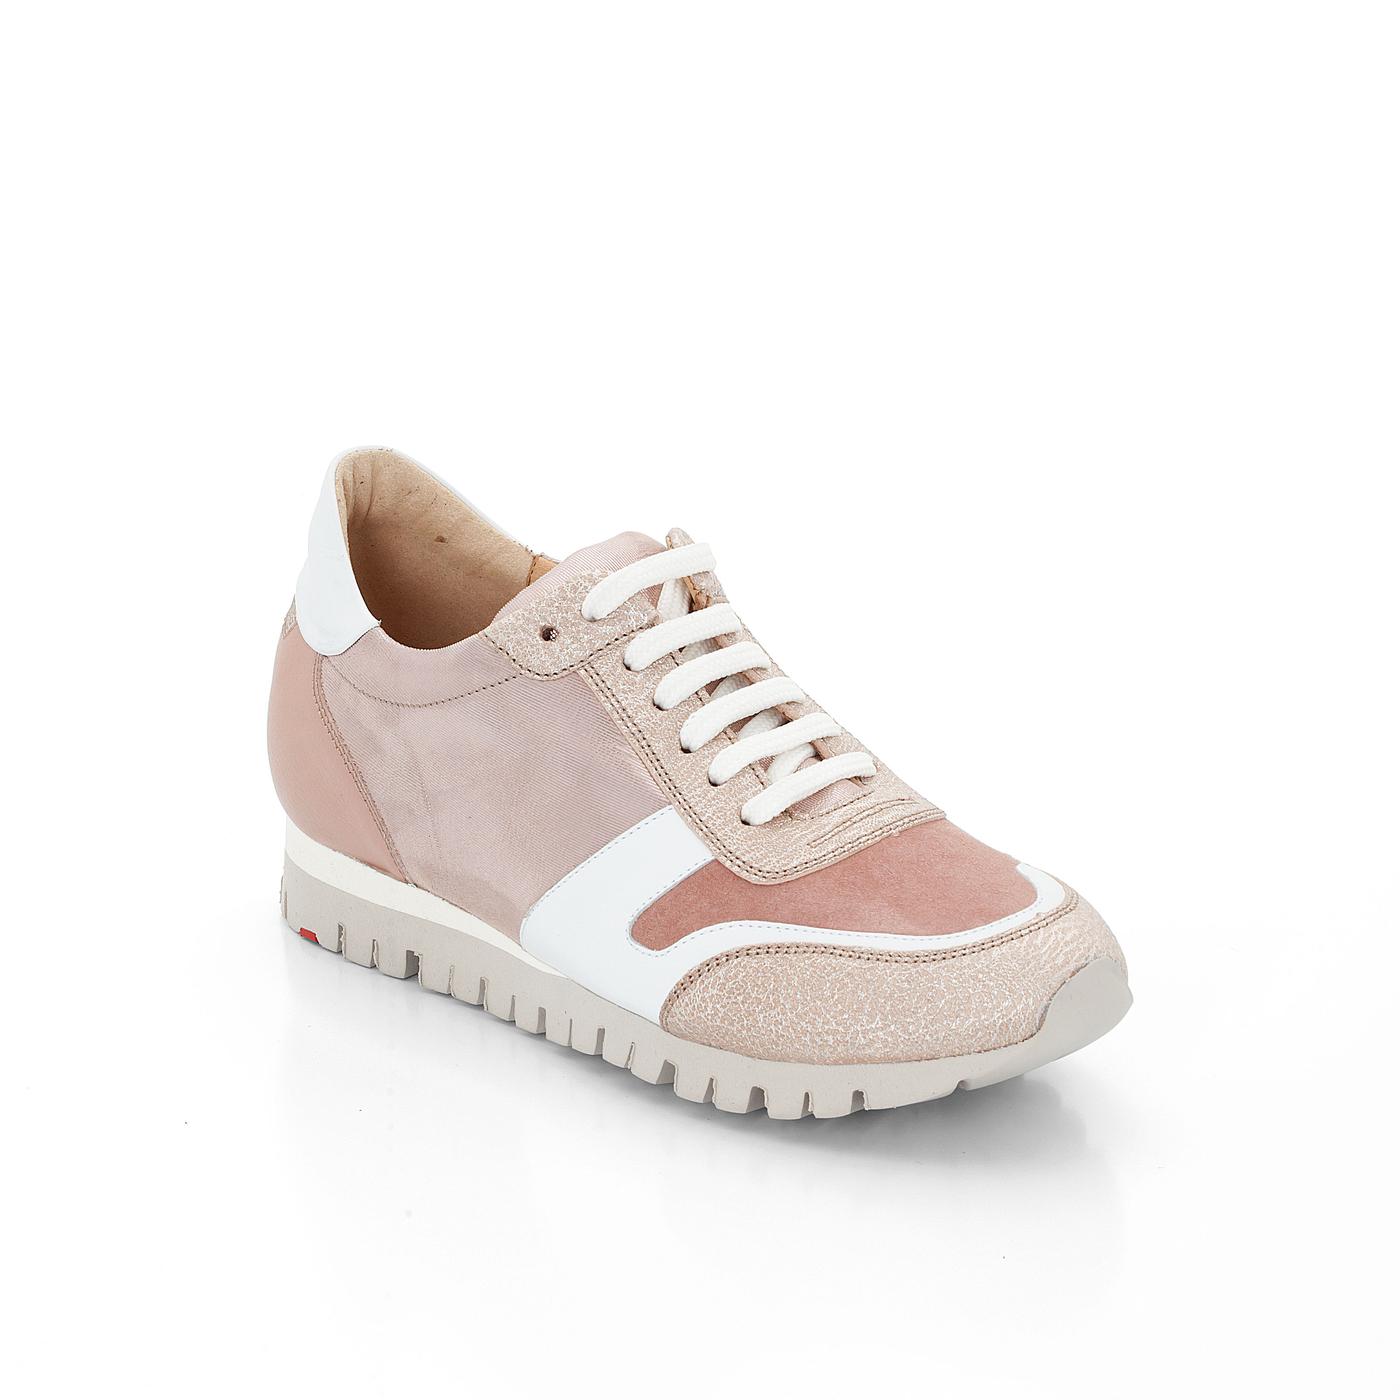 SNEAKER | Schuhe > Sneaker > Sneaker | Pink | Effektleder -  leder | LLOYD